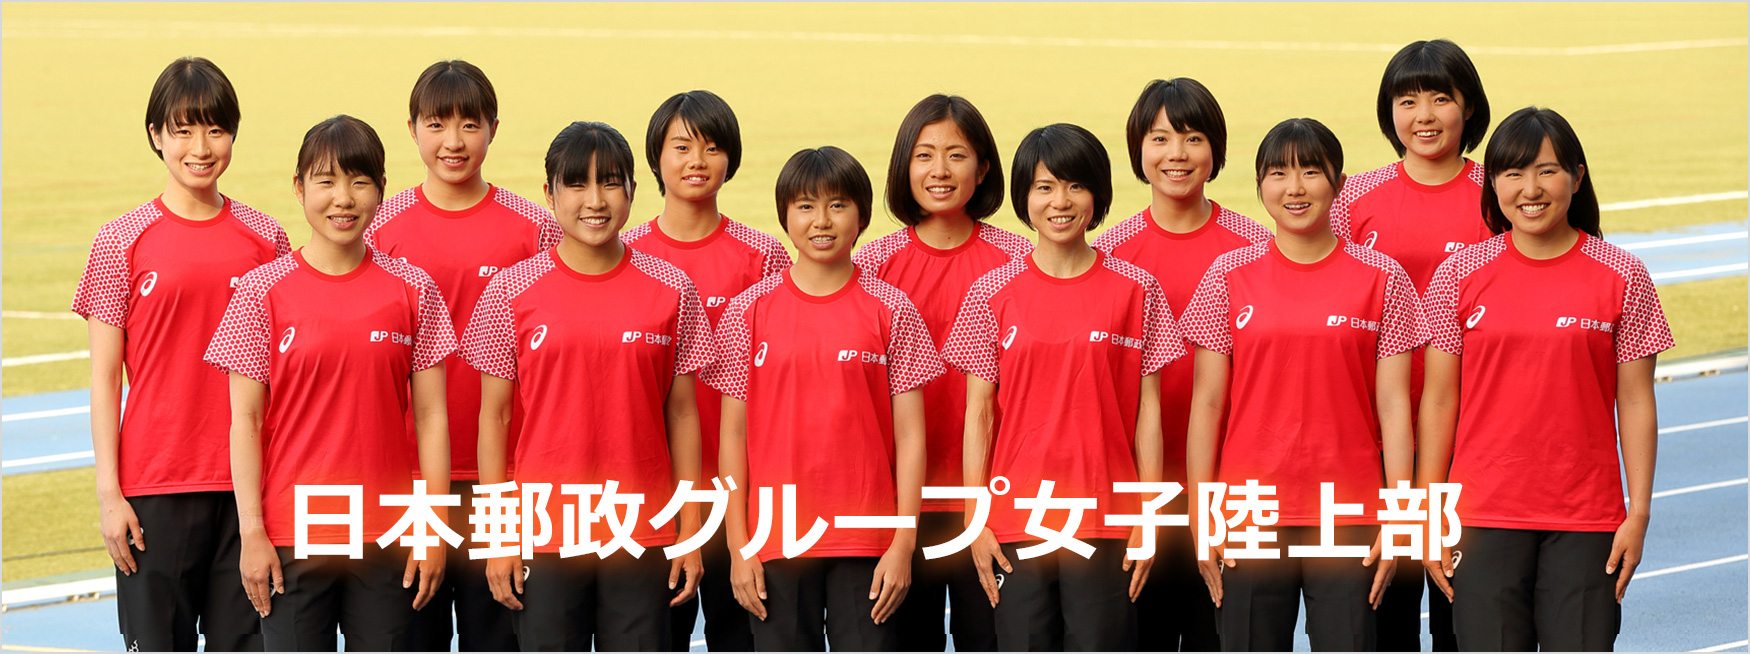 女子陸上部メインビジュアル(2018/04)